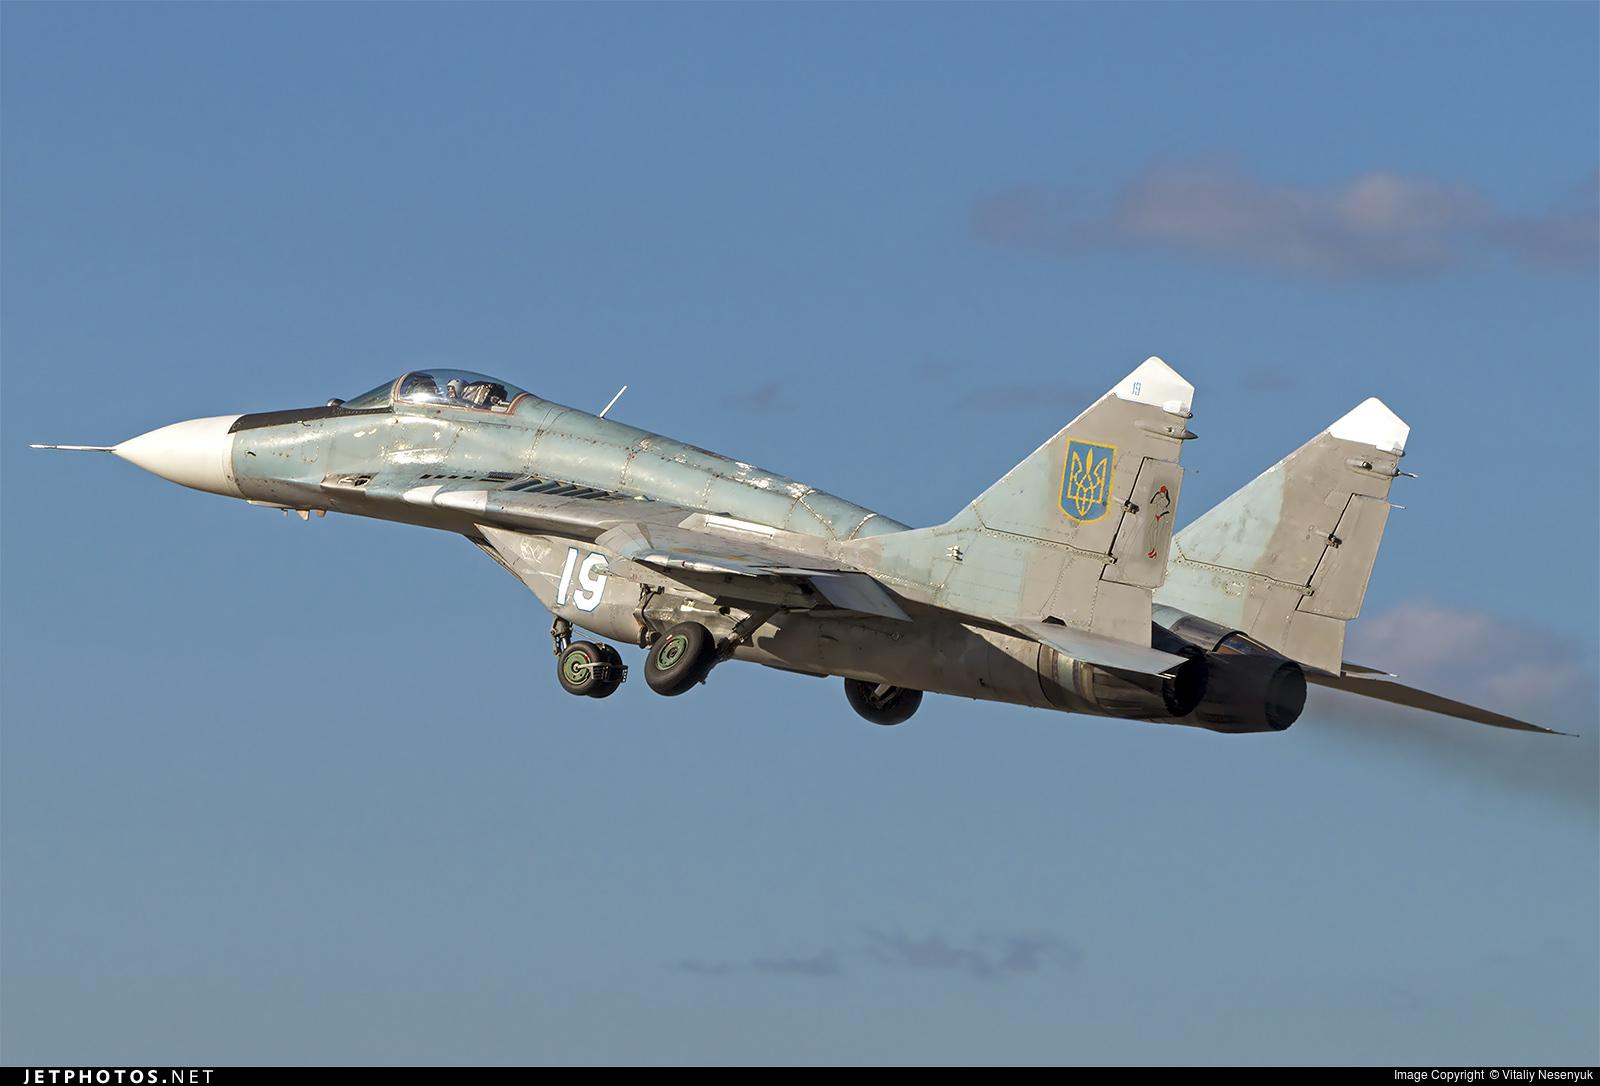 19 - Mikoyan-Gurevich MiG-29 Fulcrum - Ukraine - Air Force